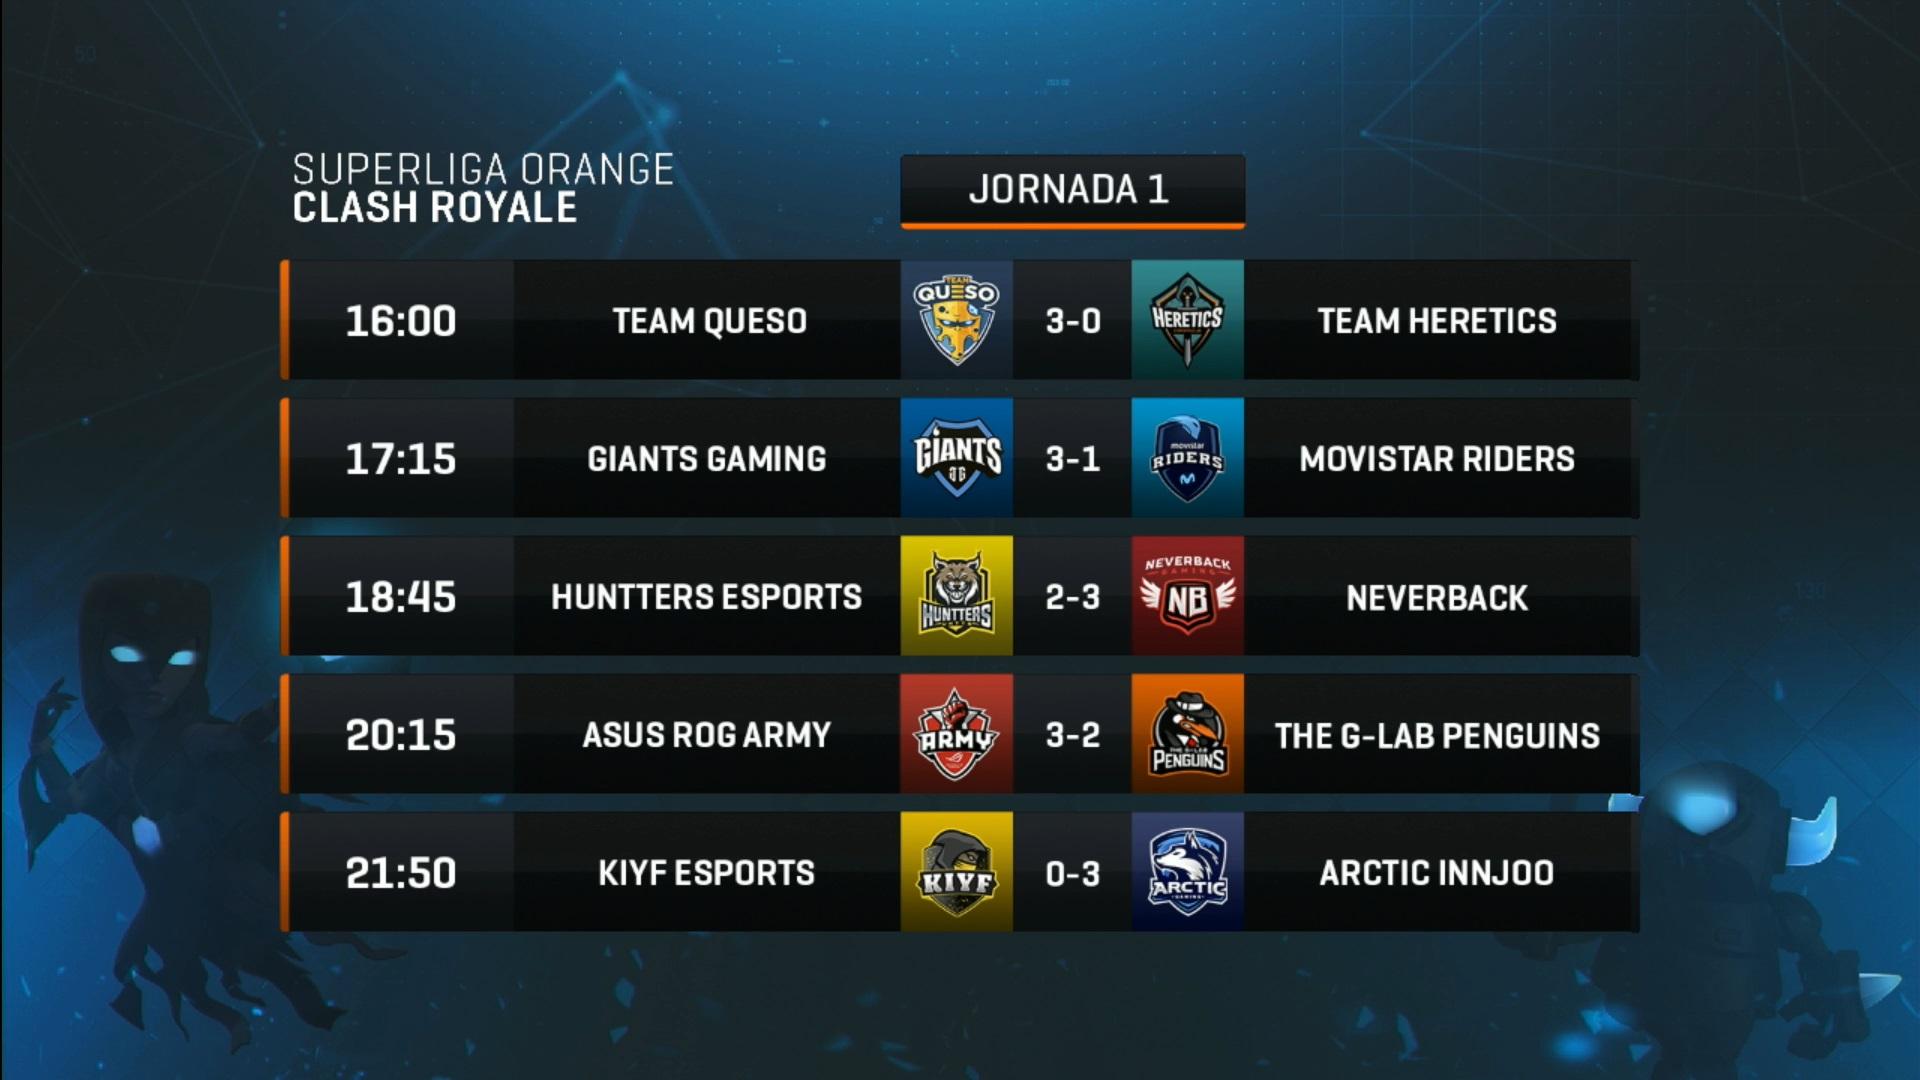 Superliga Orange Clash Royale